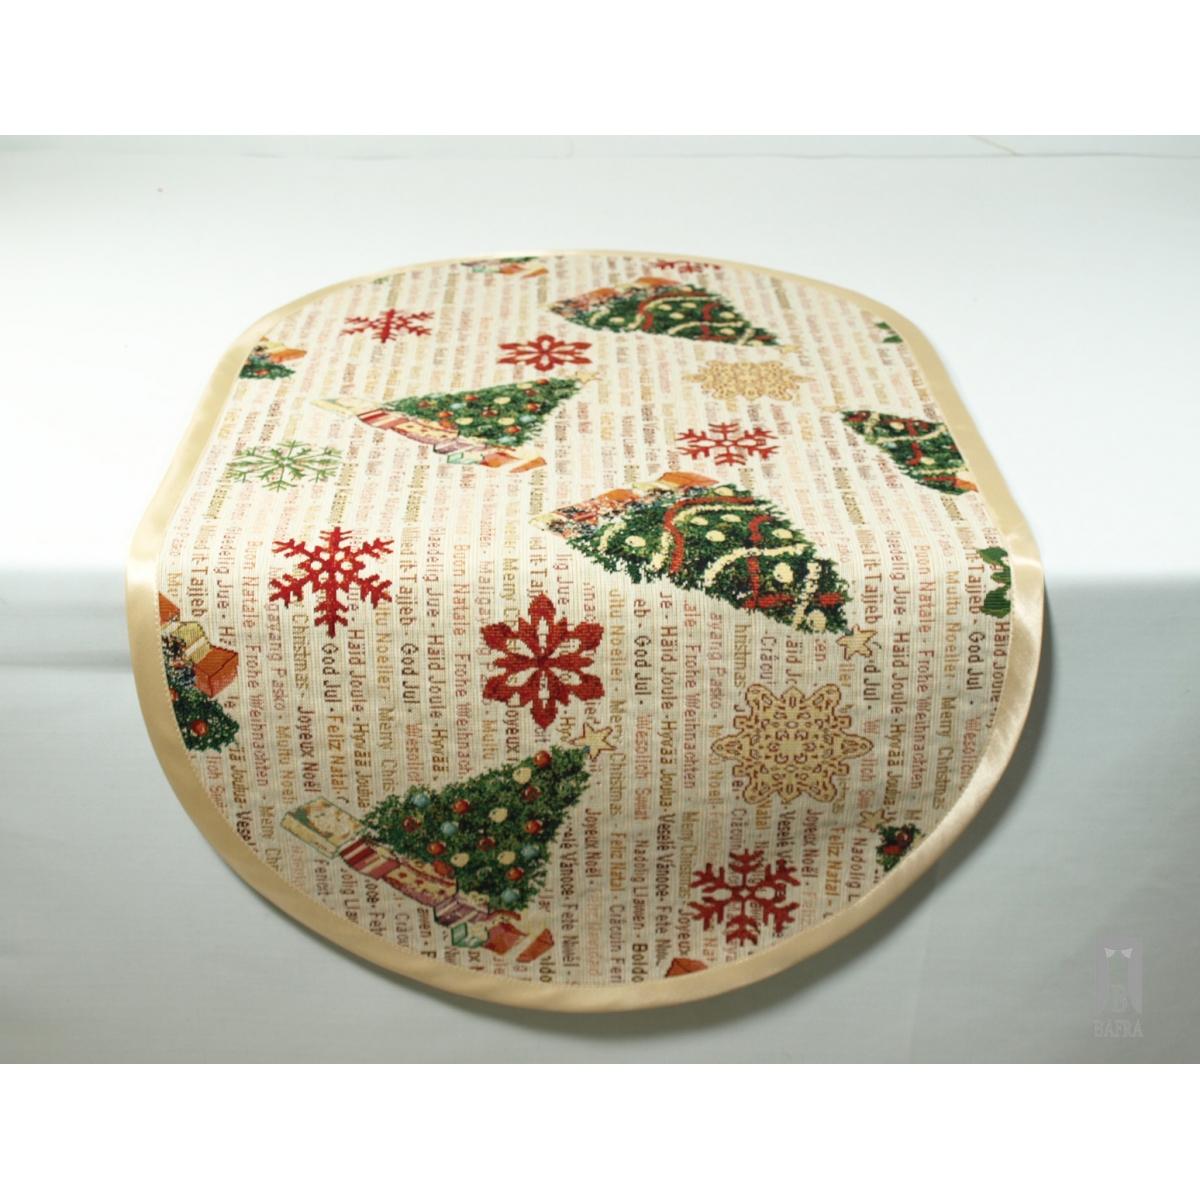 serweta świąteczna - choinki owal